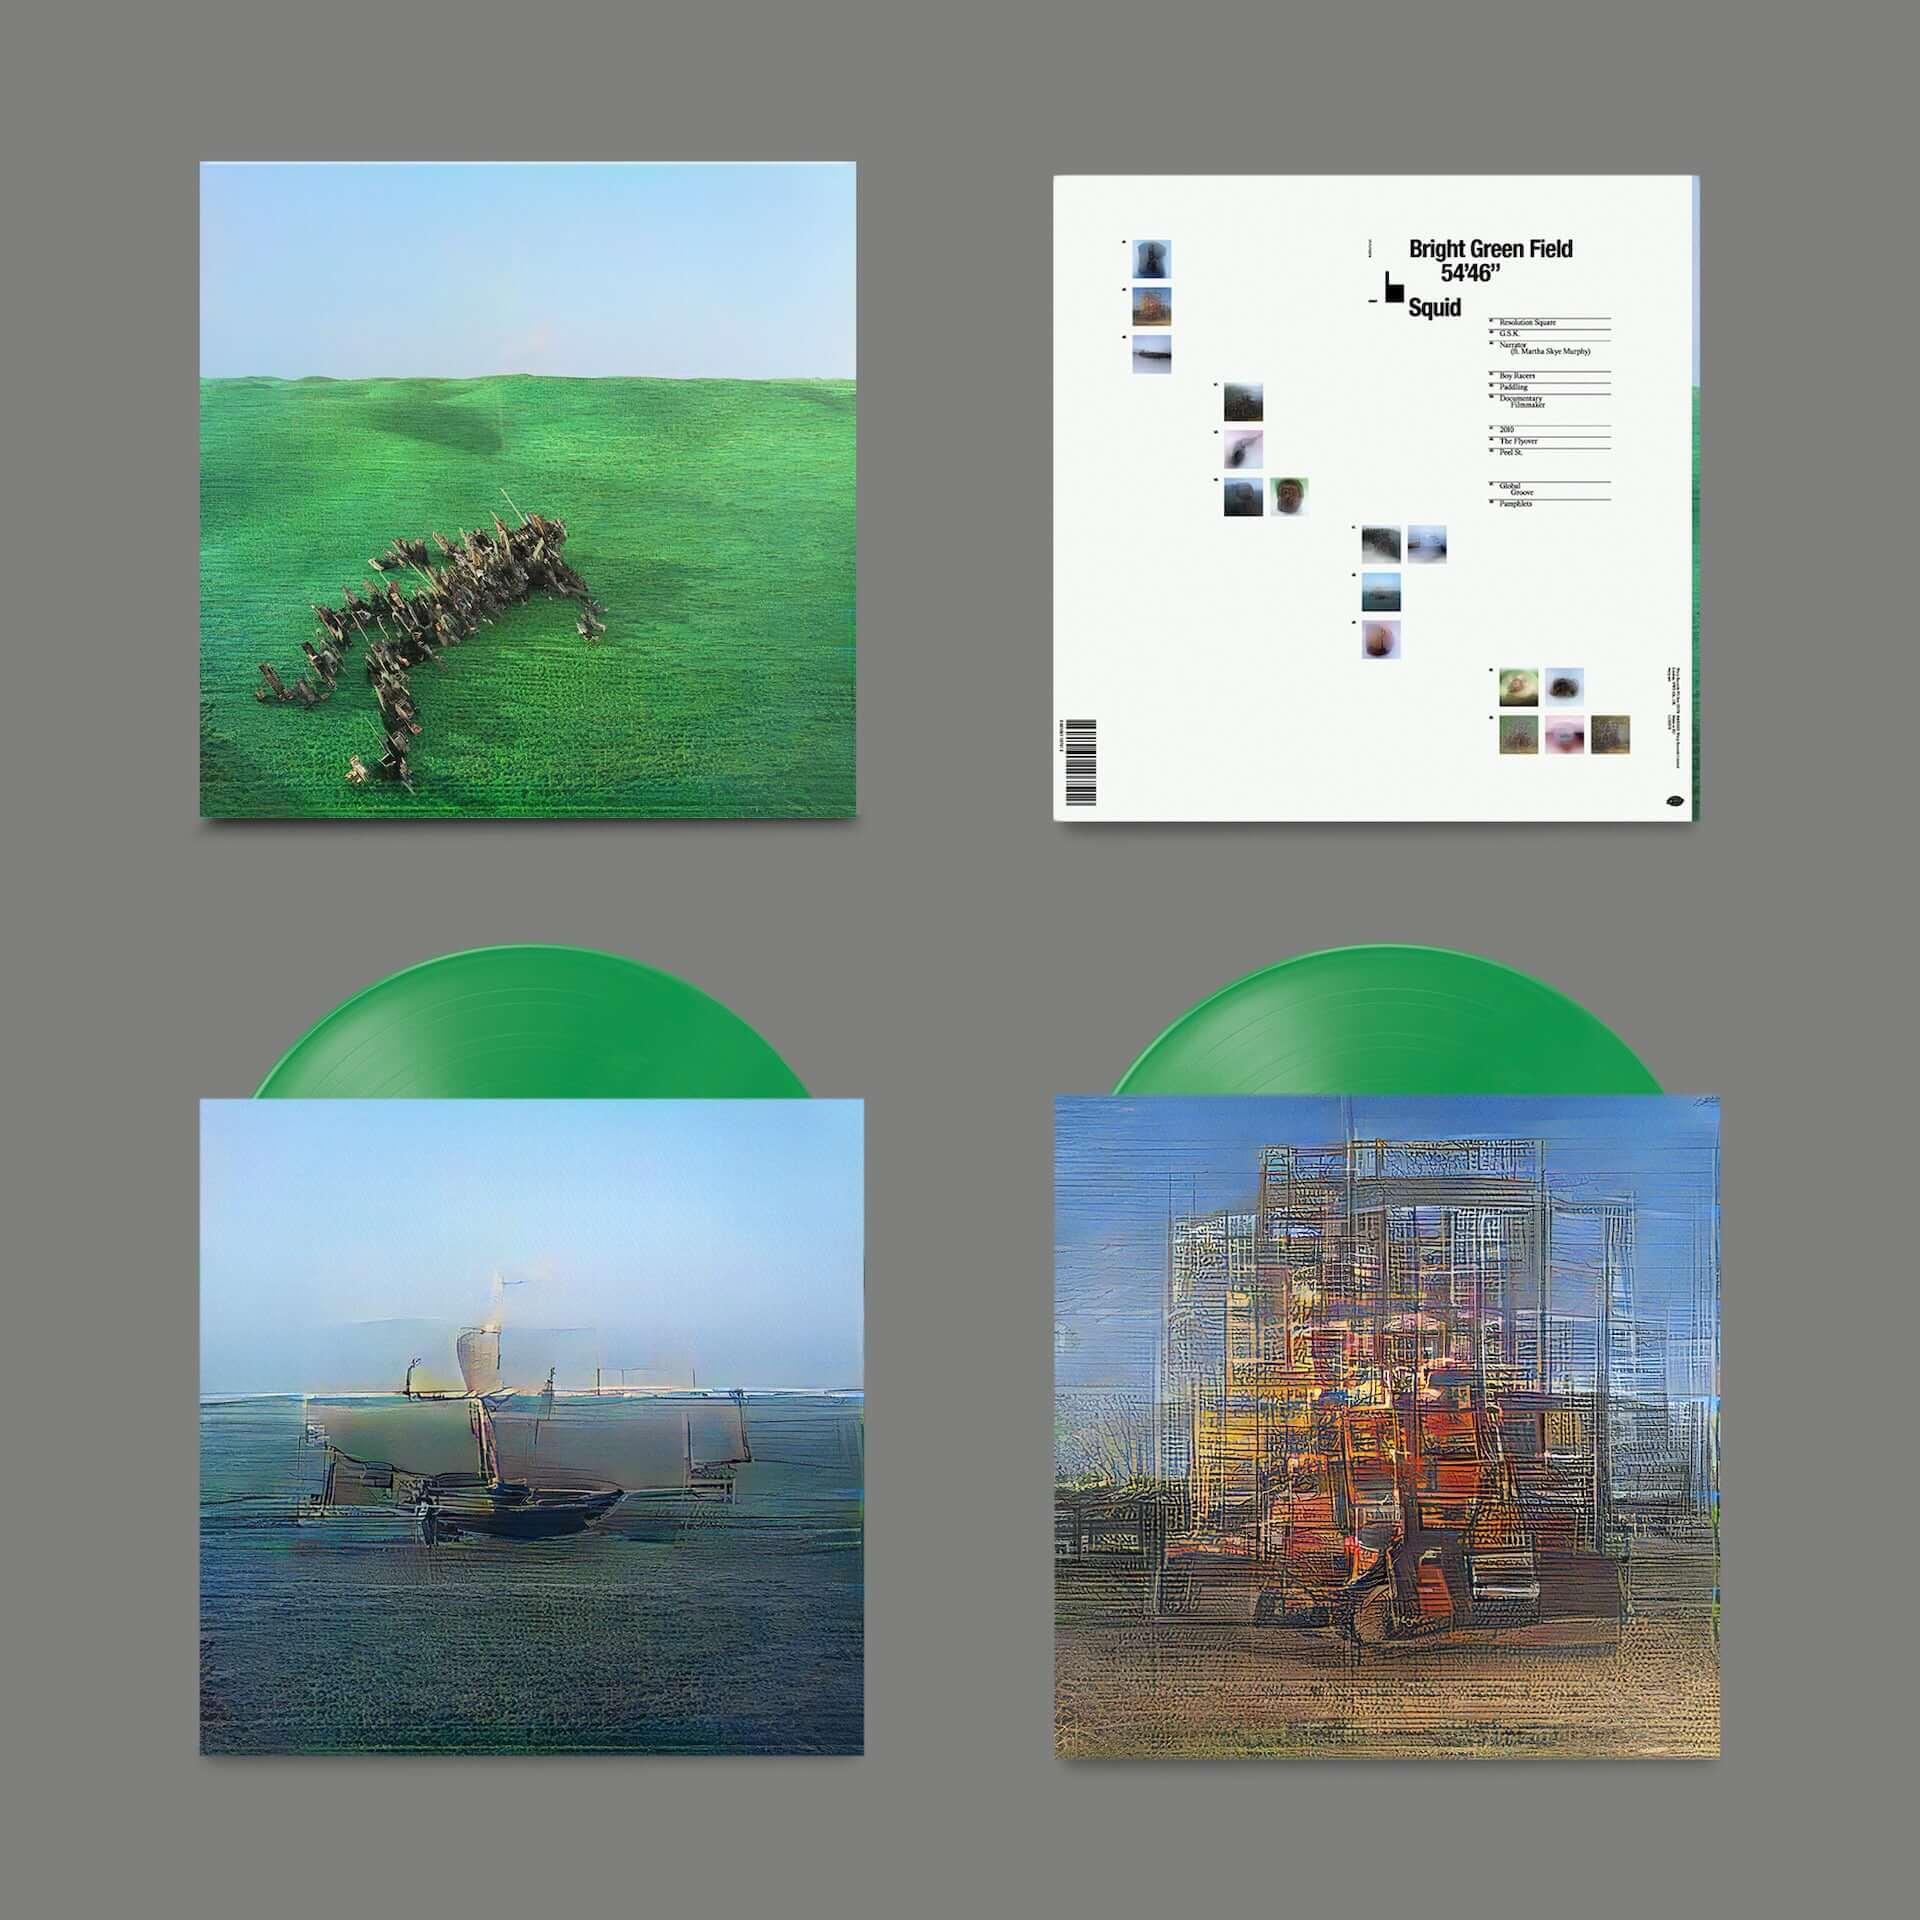 """次世代UKロックシーンの注目バンド・Squidがデビューアルバム『Bright Green Field』をリリース決定!収録曲""""Narrator""""MVが解禁 music210128_squid_2-1920x1920"""